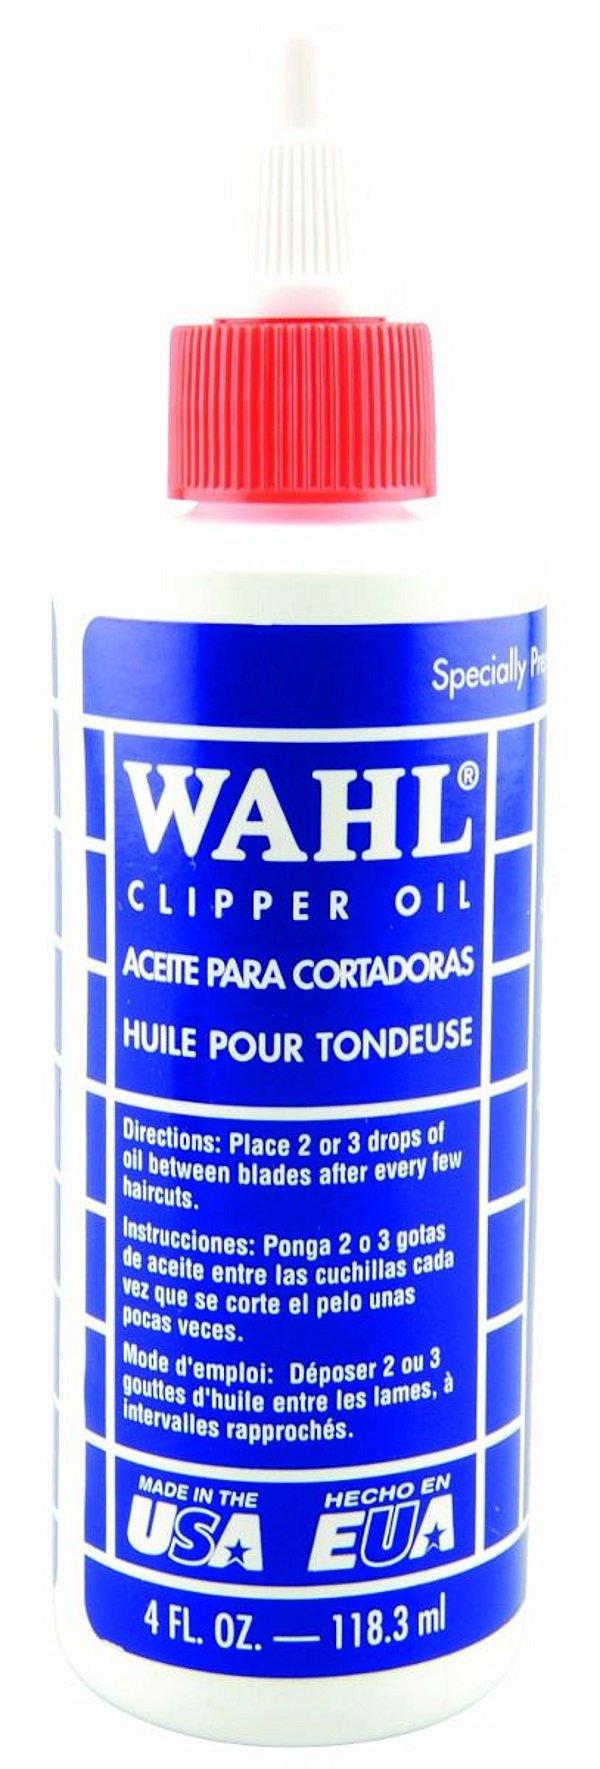 OLEO LUBRIFICANTE WAHL CLIPPER - 118 ML